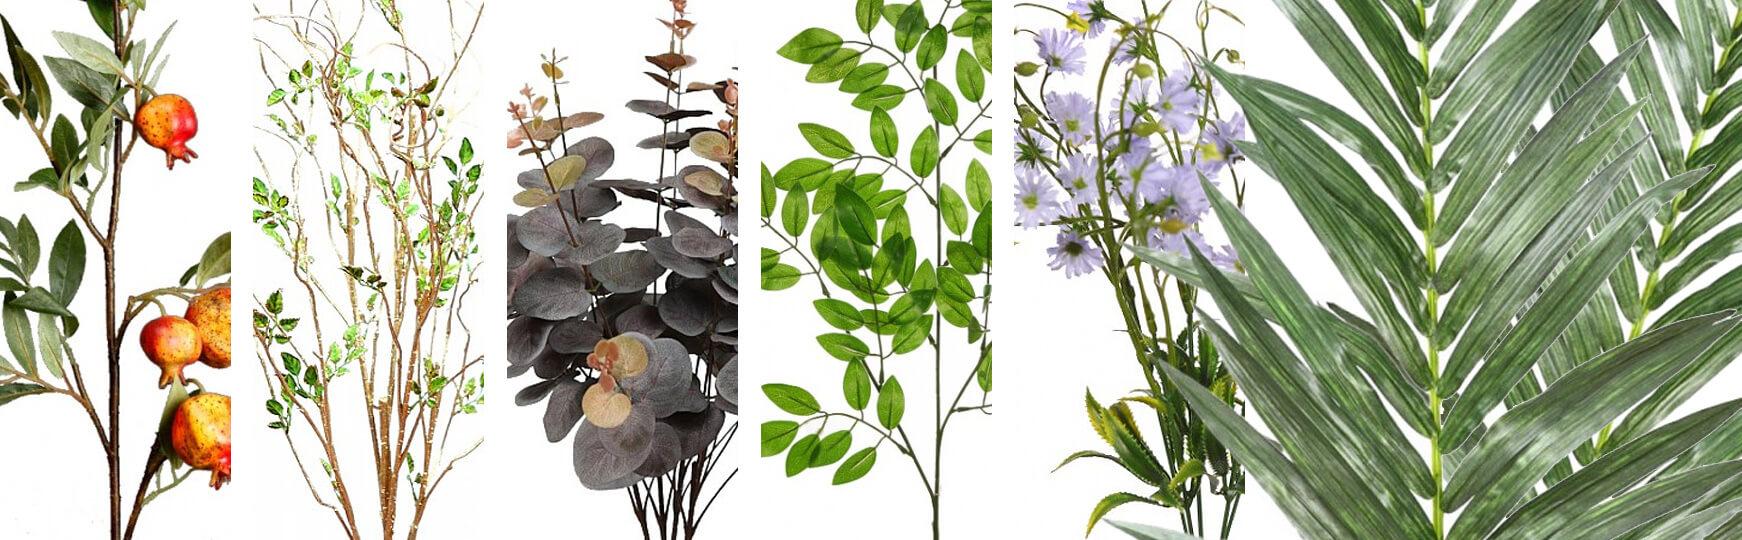 flores secas y preservadas al mejor precio